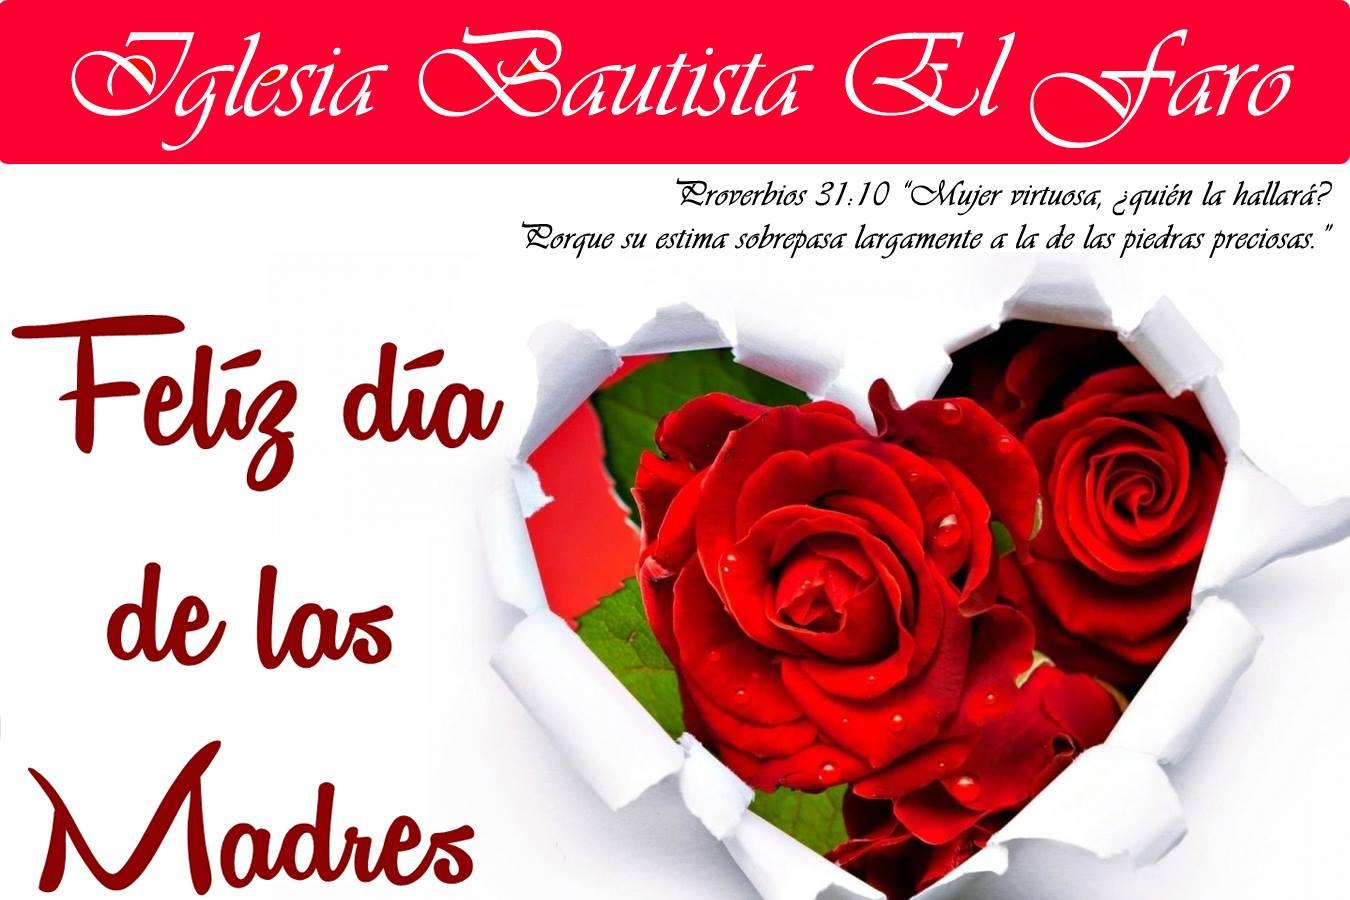 Feliz Dia De Las Madres En Panama Panama For Jesus Feliz dia de la madre imagenes y frases. feliz dia de las madres en panama